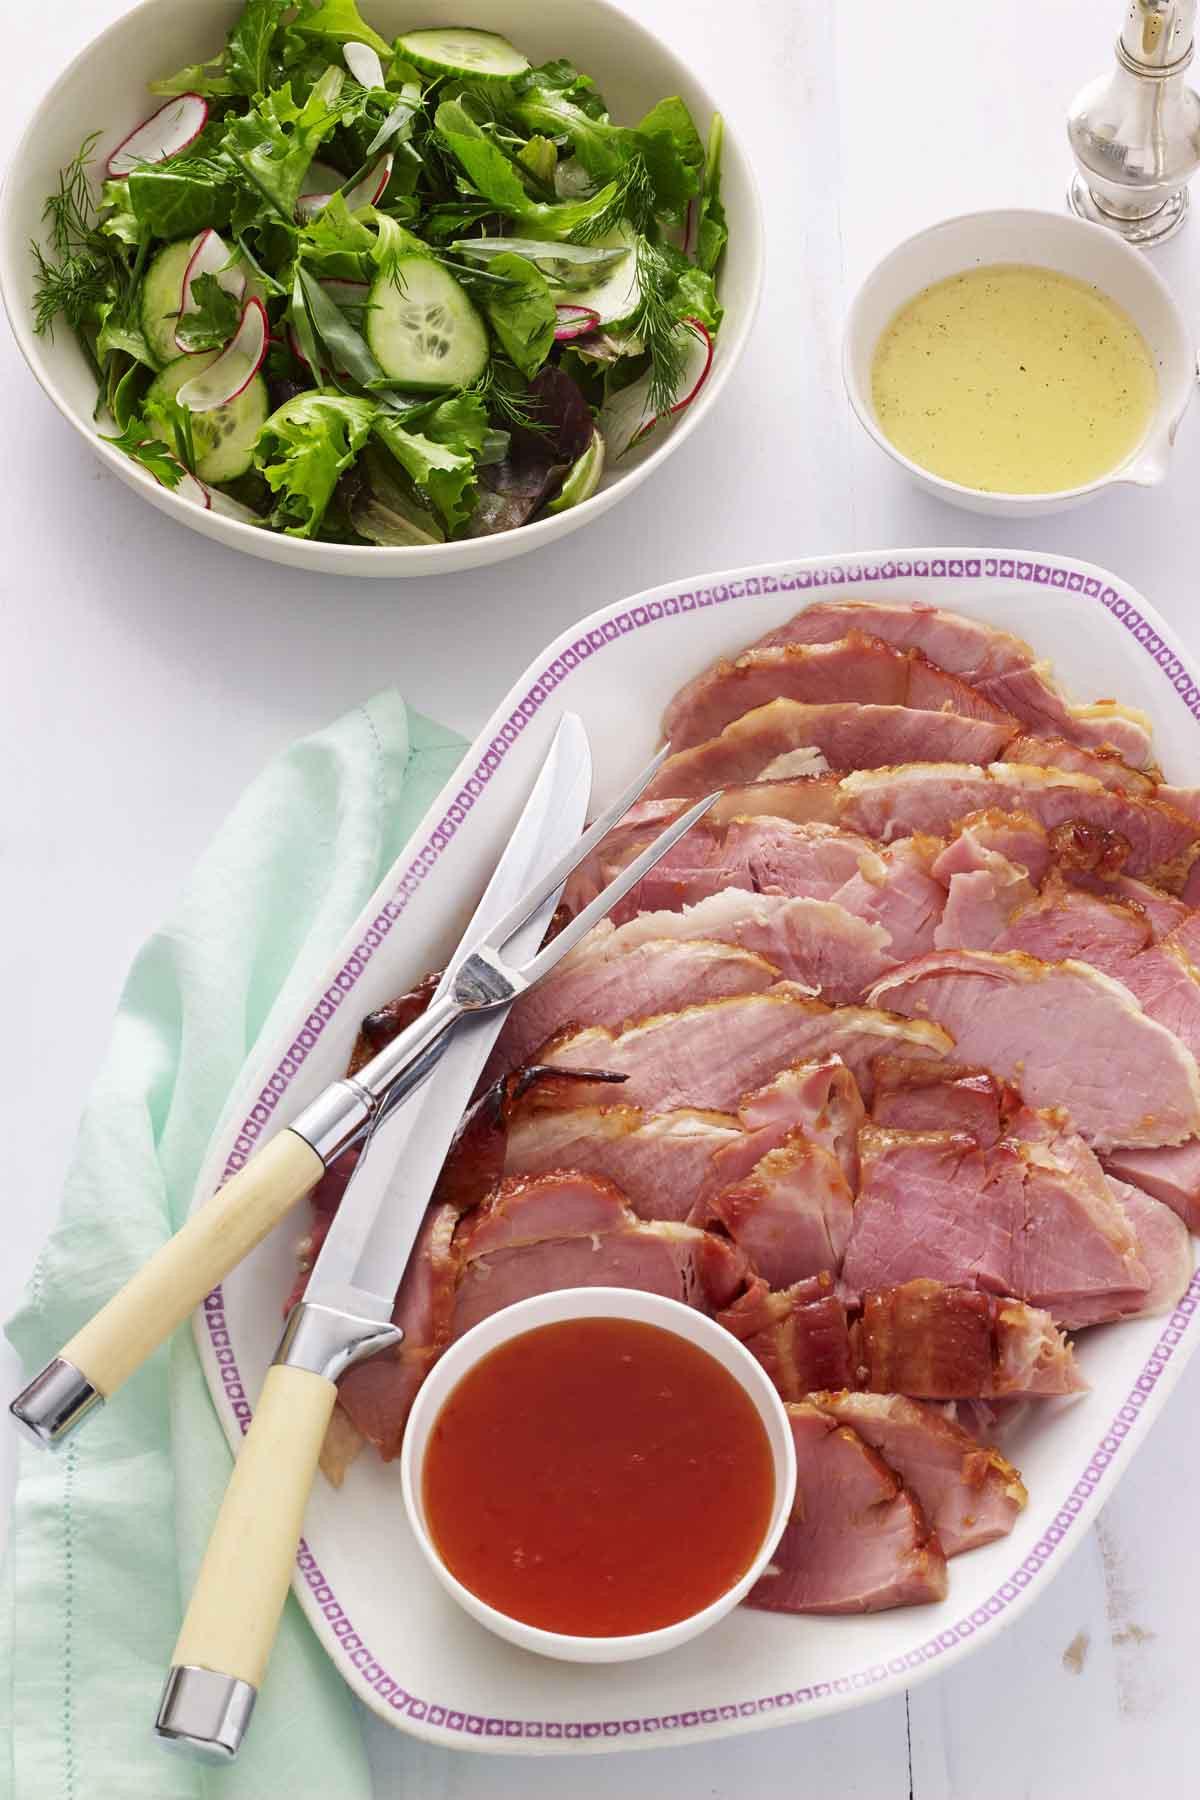 Simple Easter Dinner Ideas  21 Easy Easter Dinner Ideas Recipes for the Best Easter